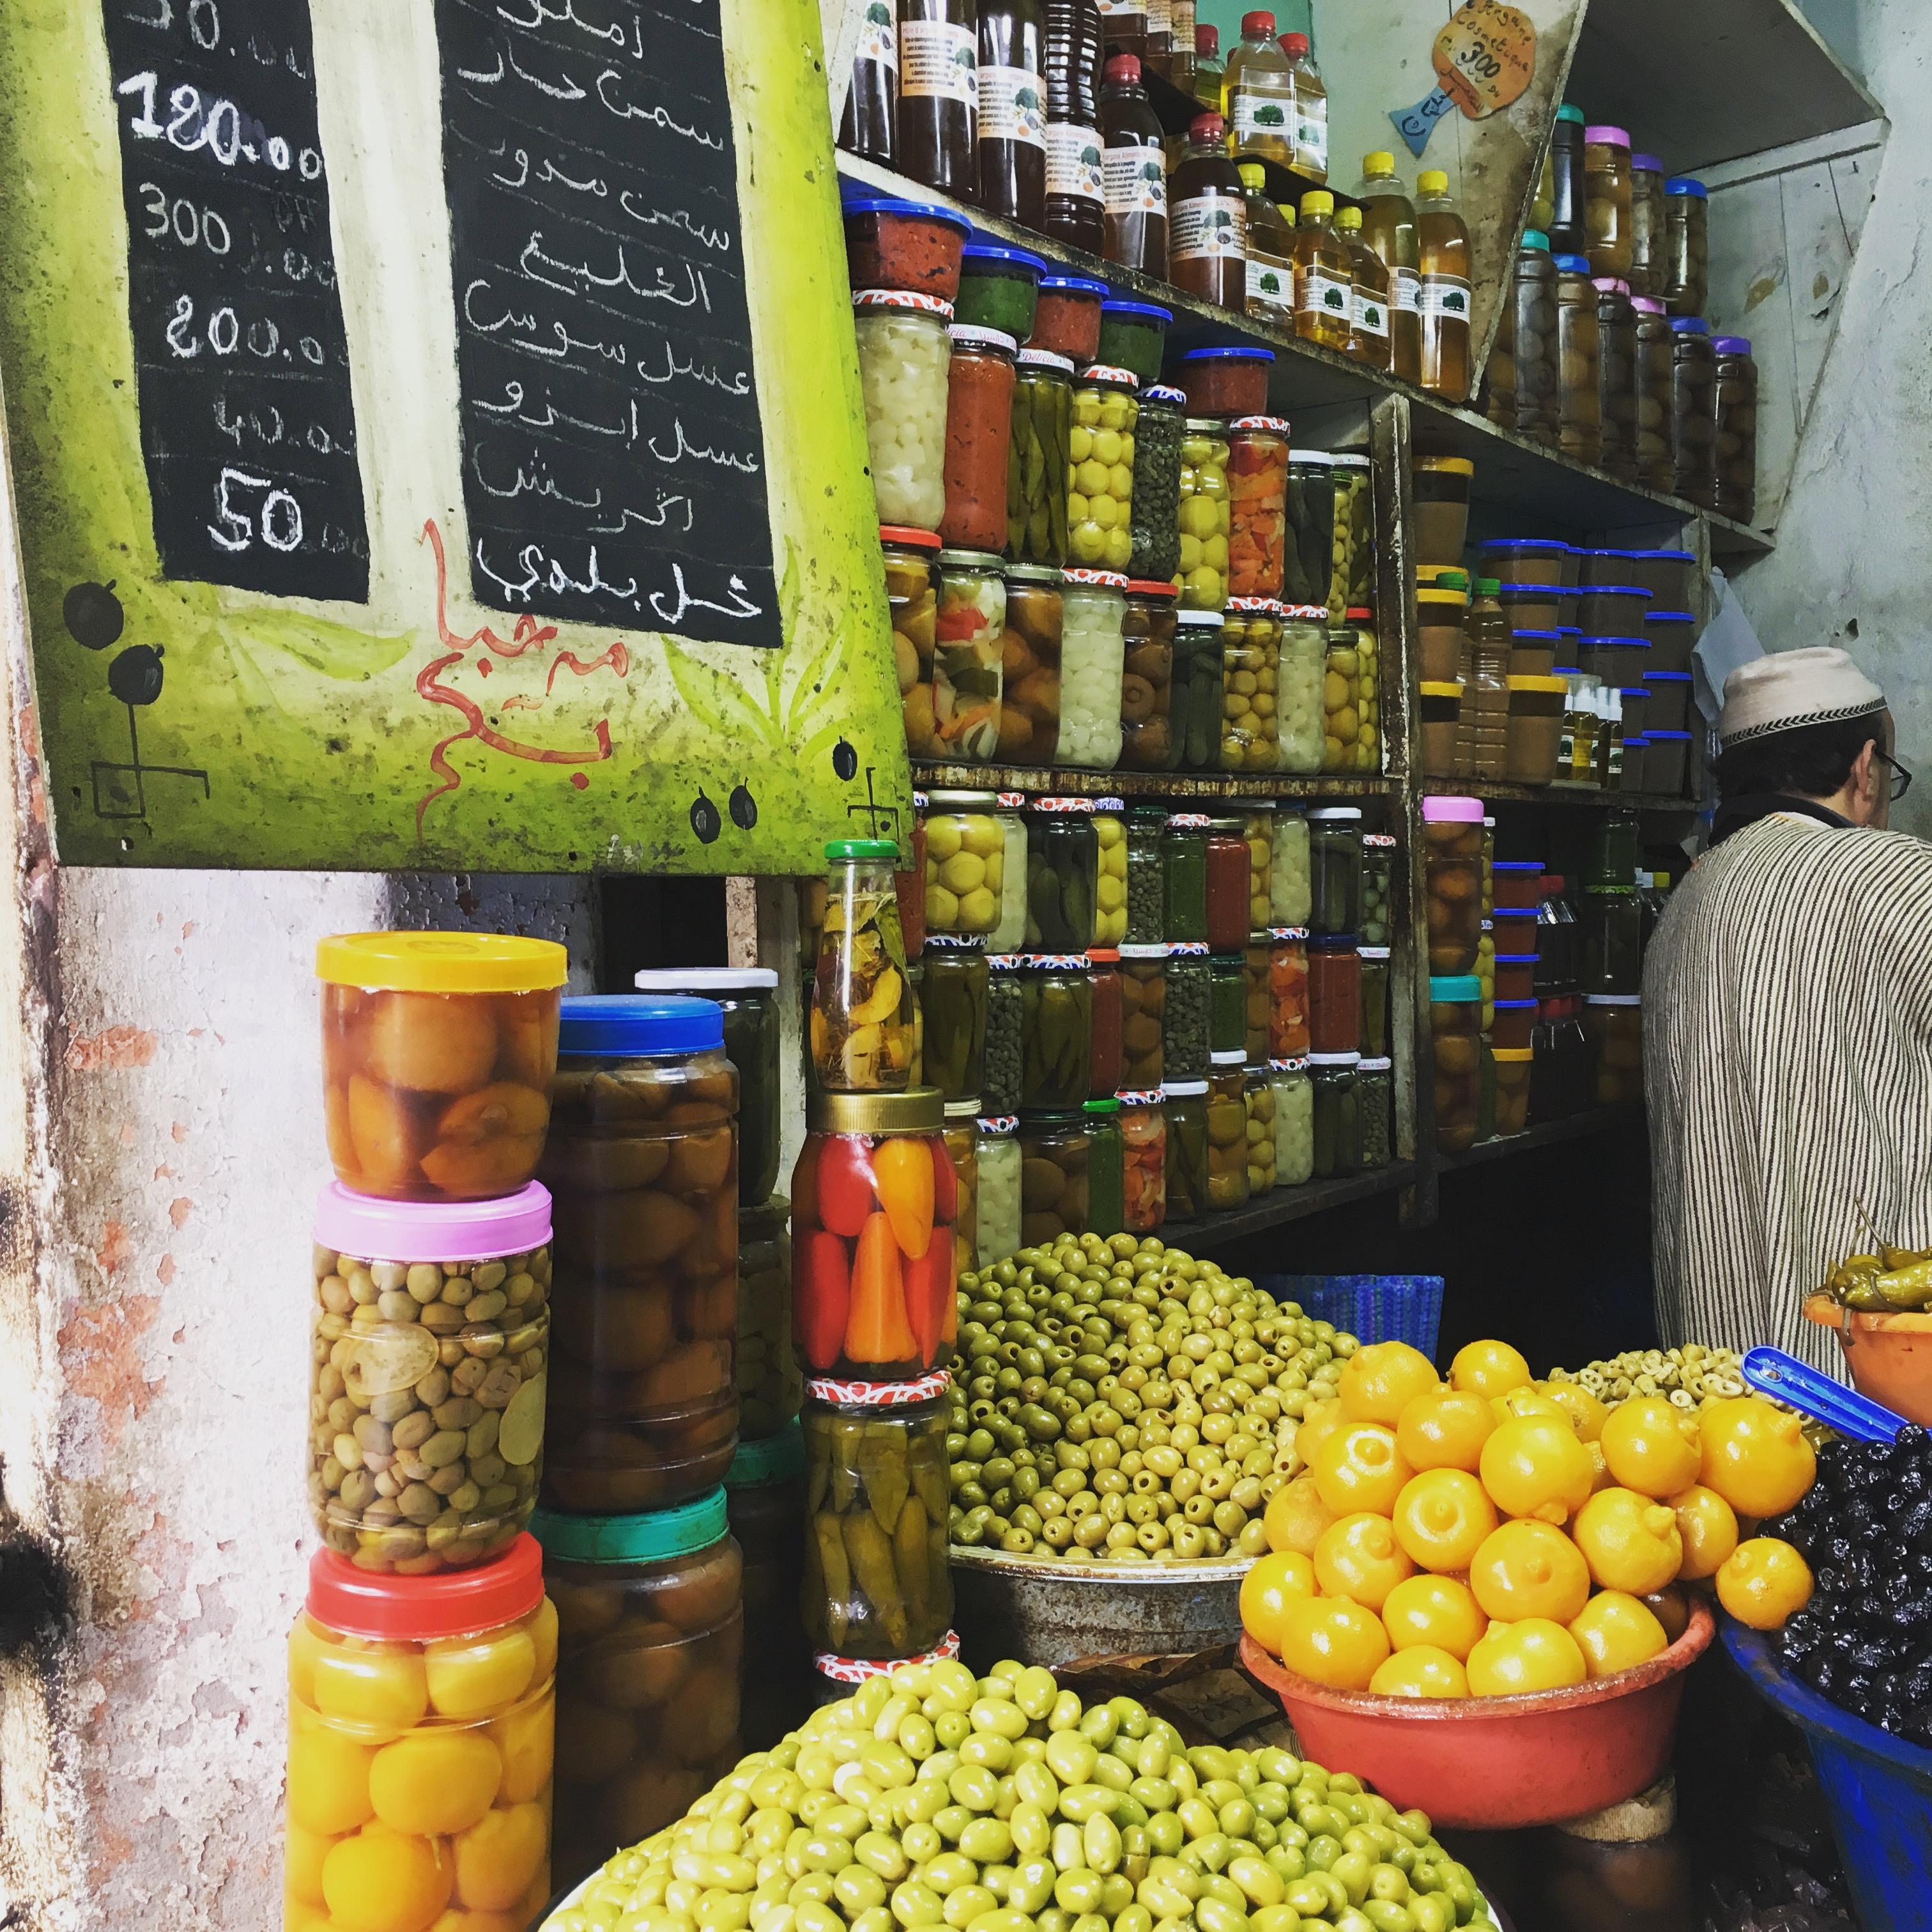 Olives, Jemaa Al-Fenaa, market